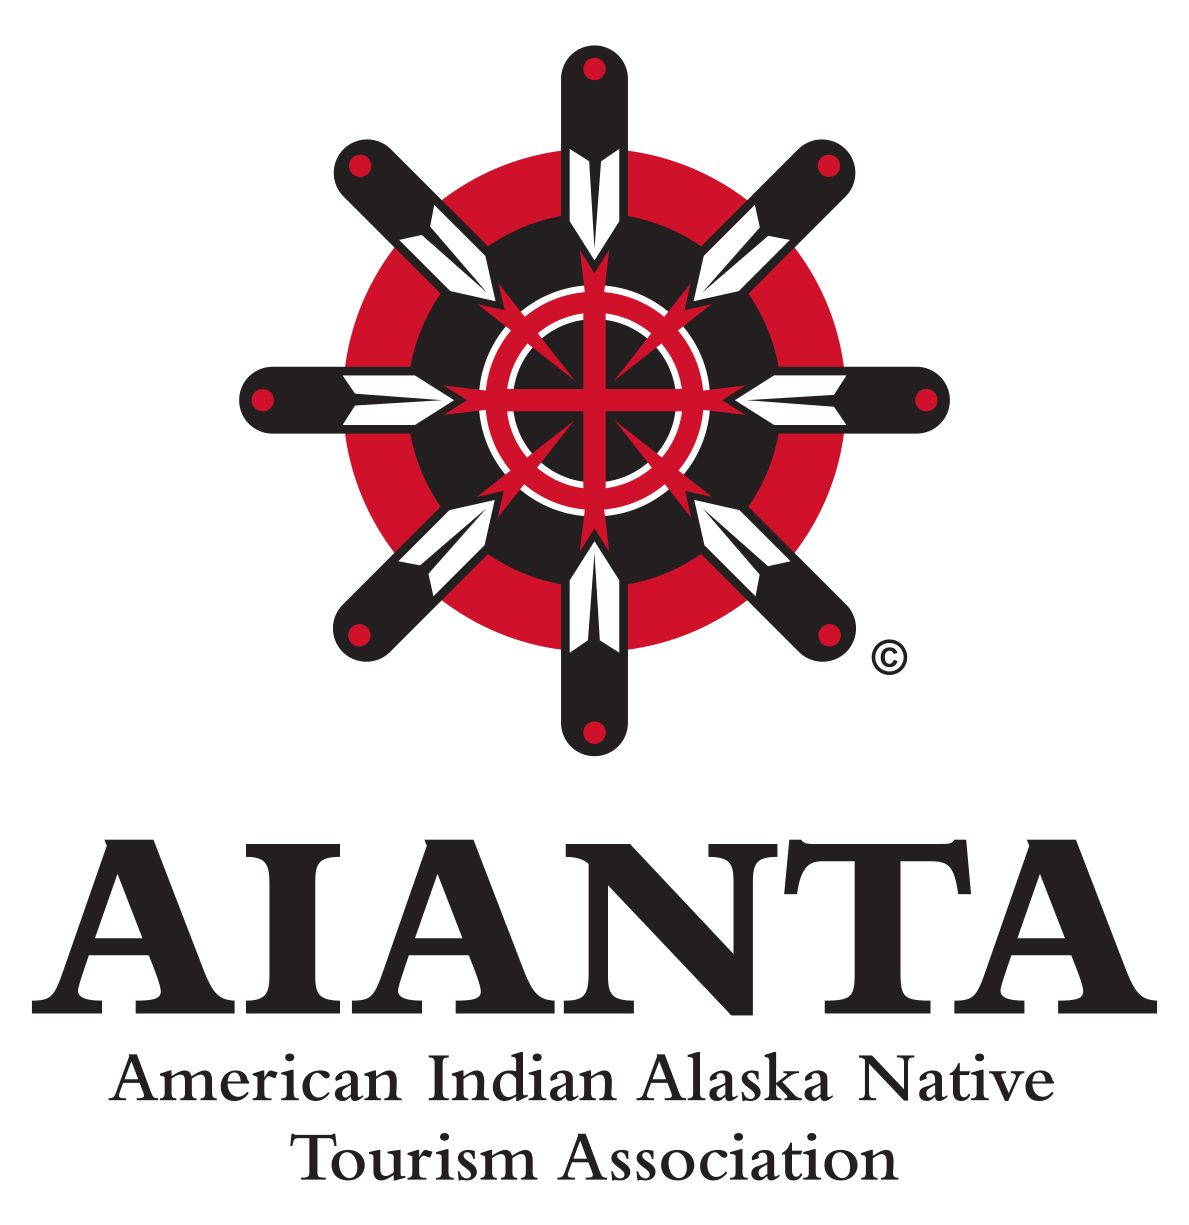 American Indian Alaskan Native Tourism Association